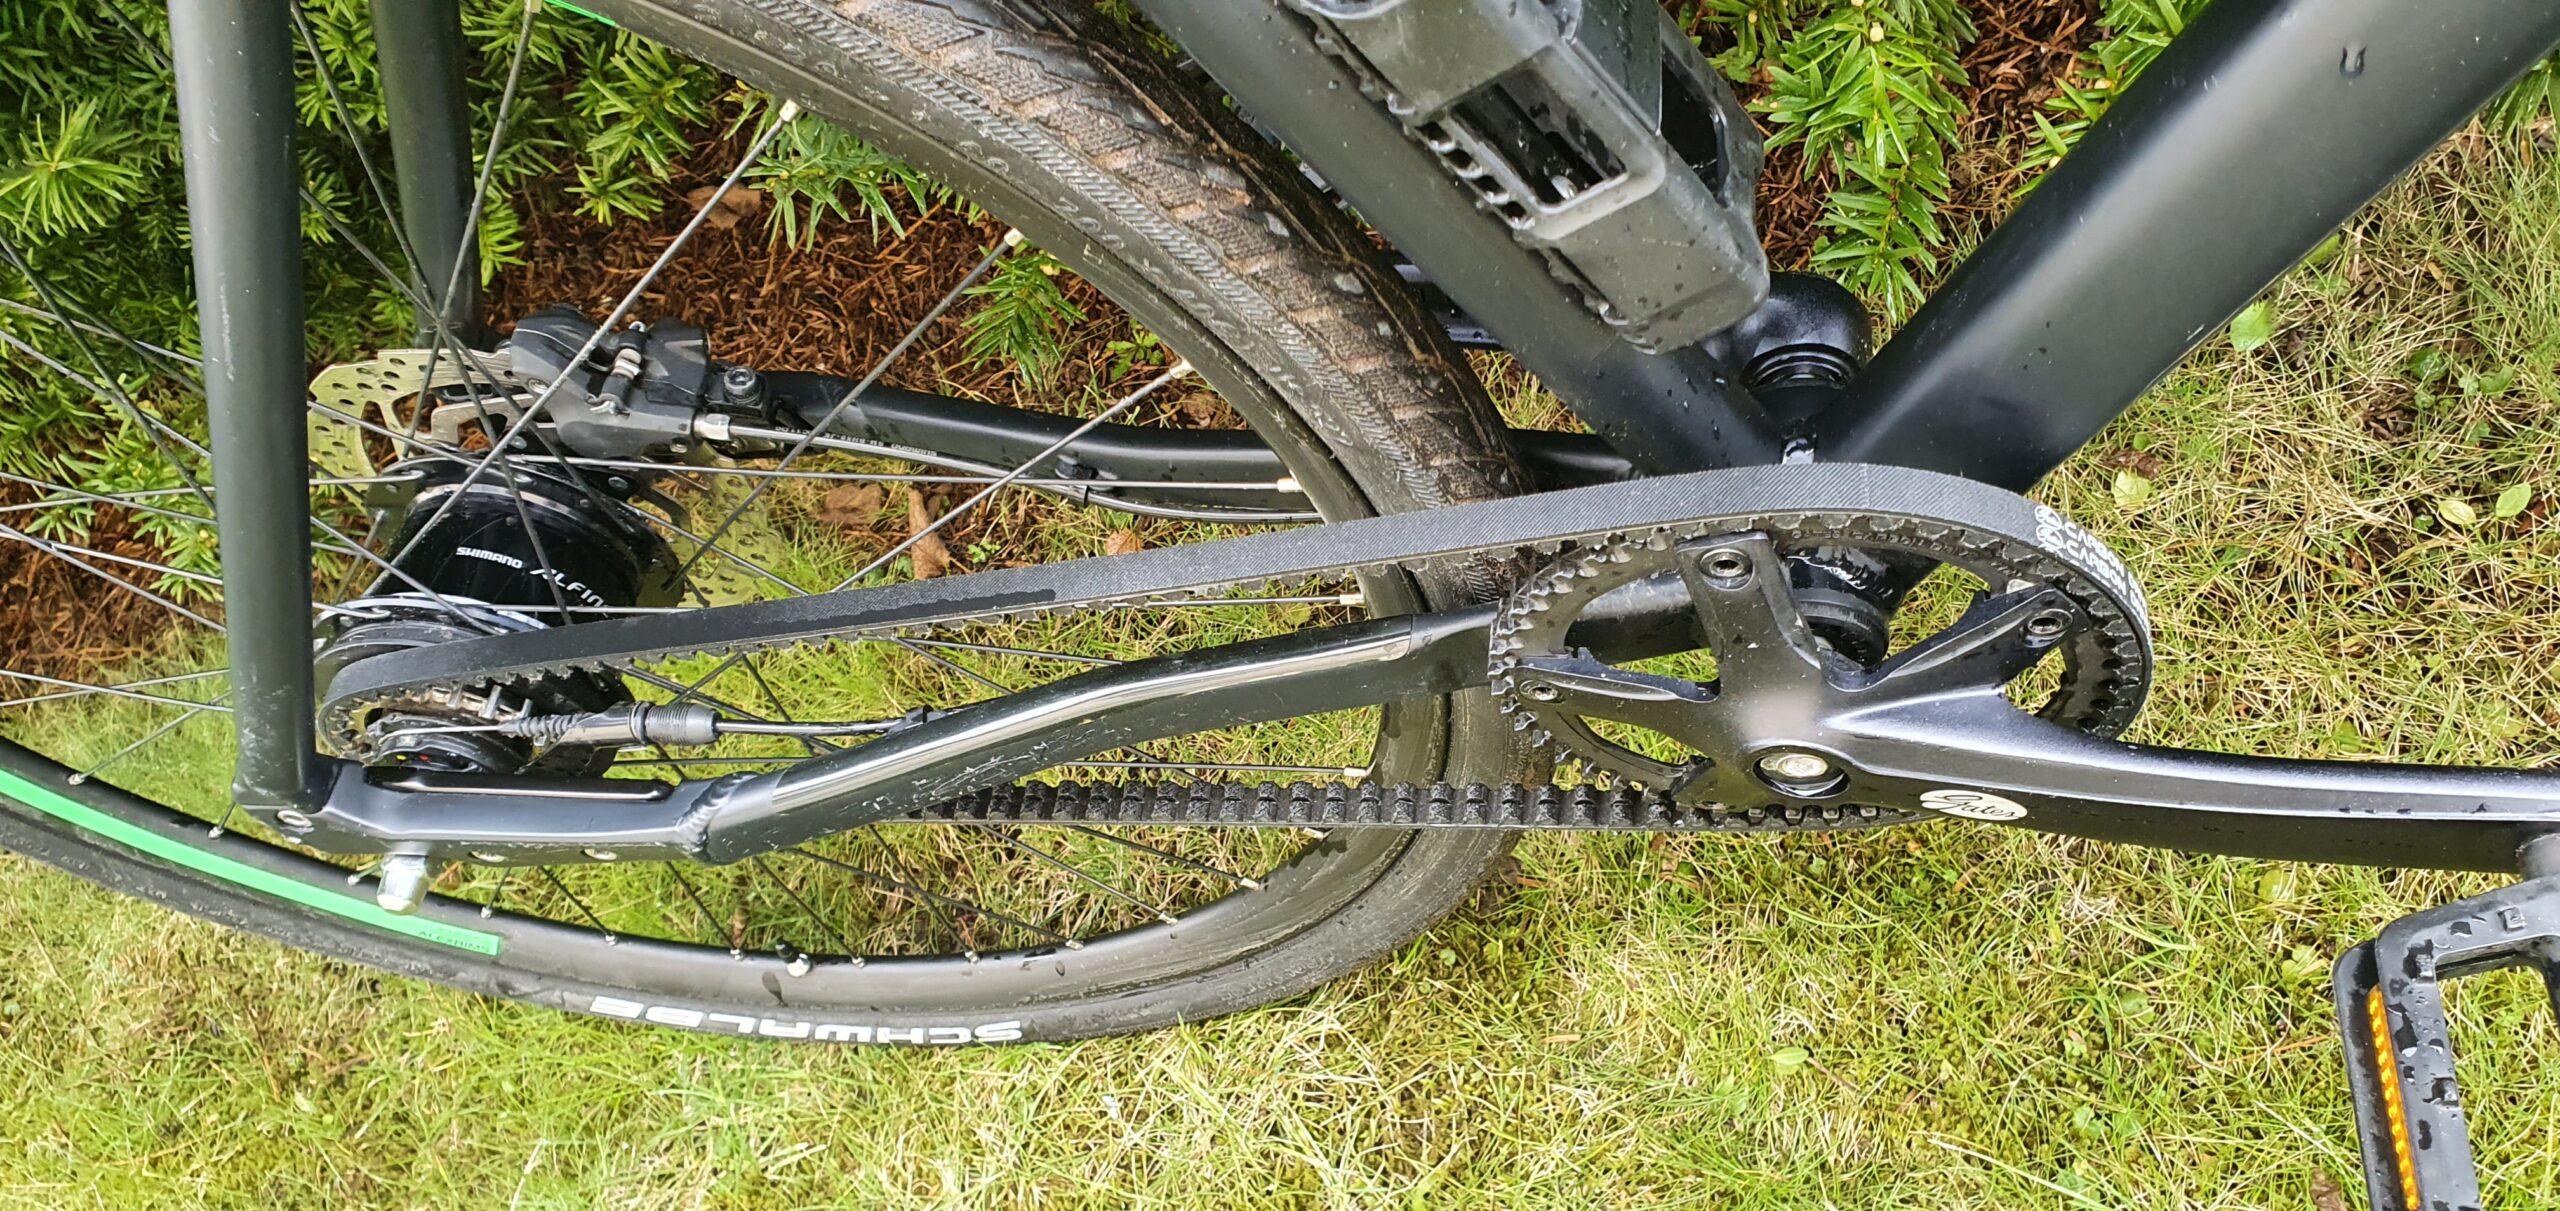 pasek zebaty, rowery z paskiem napędowym